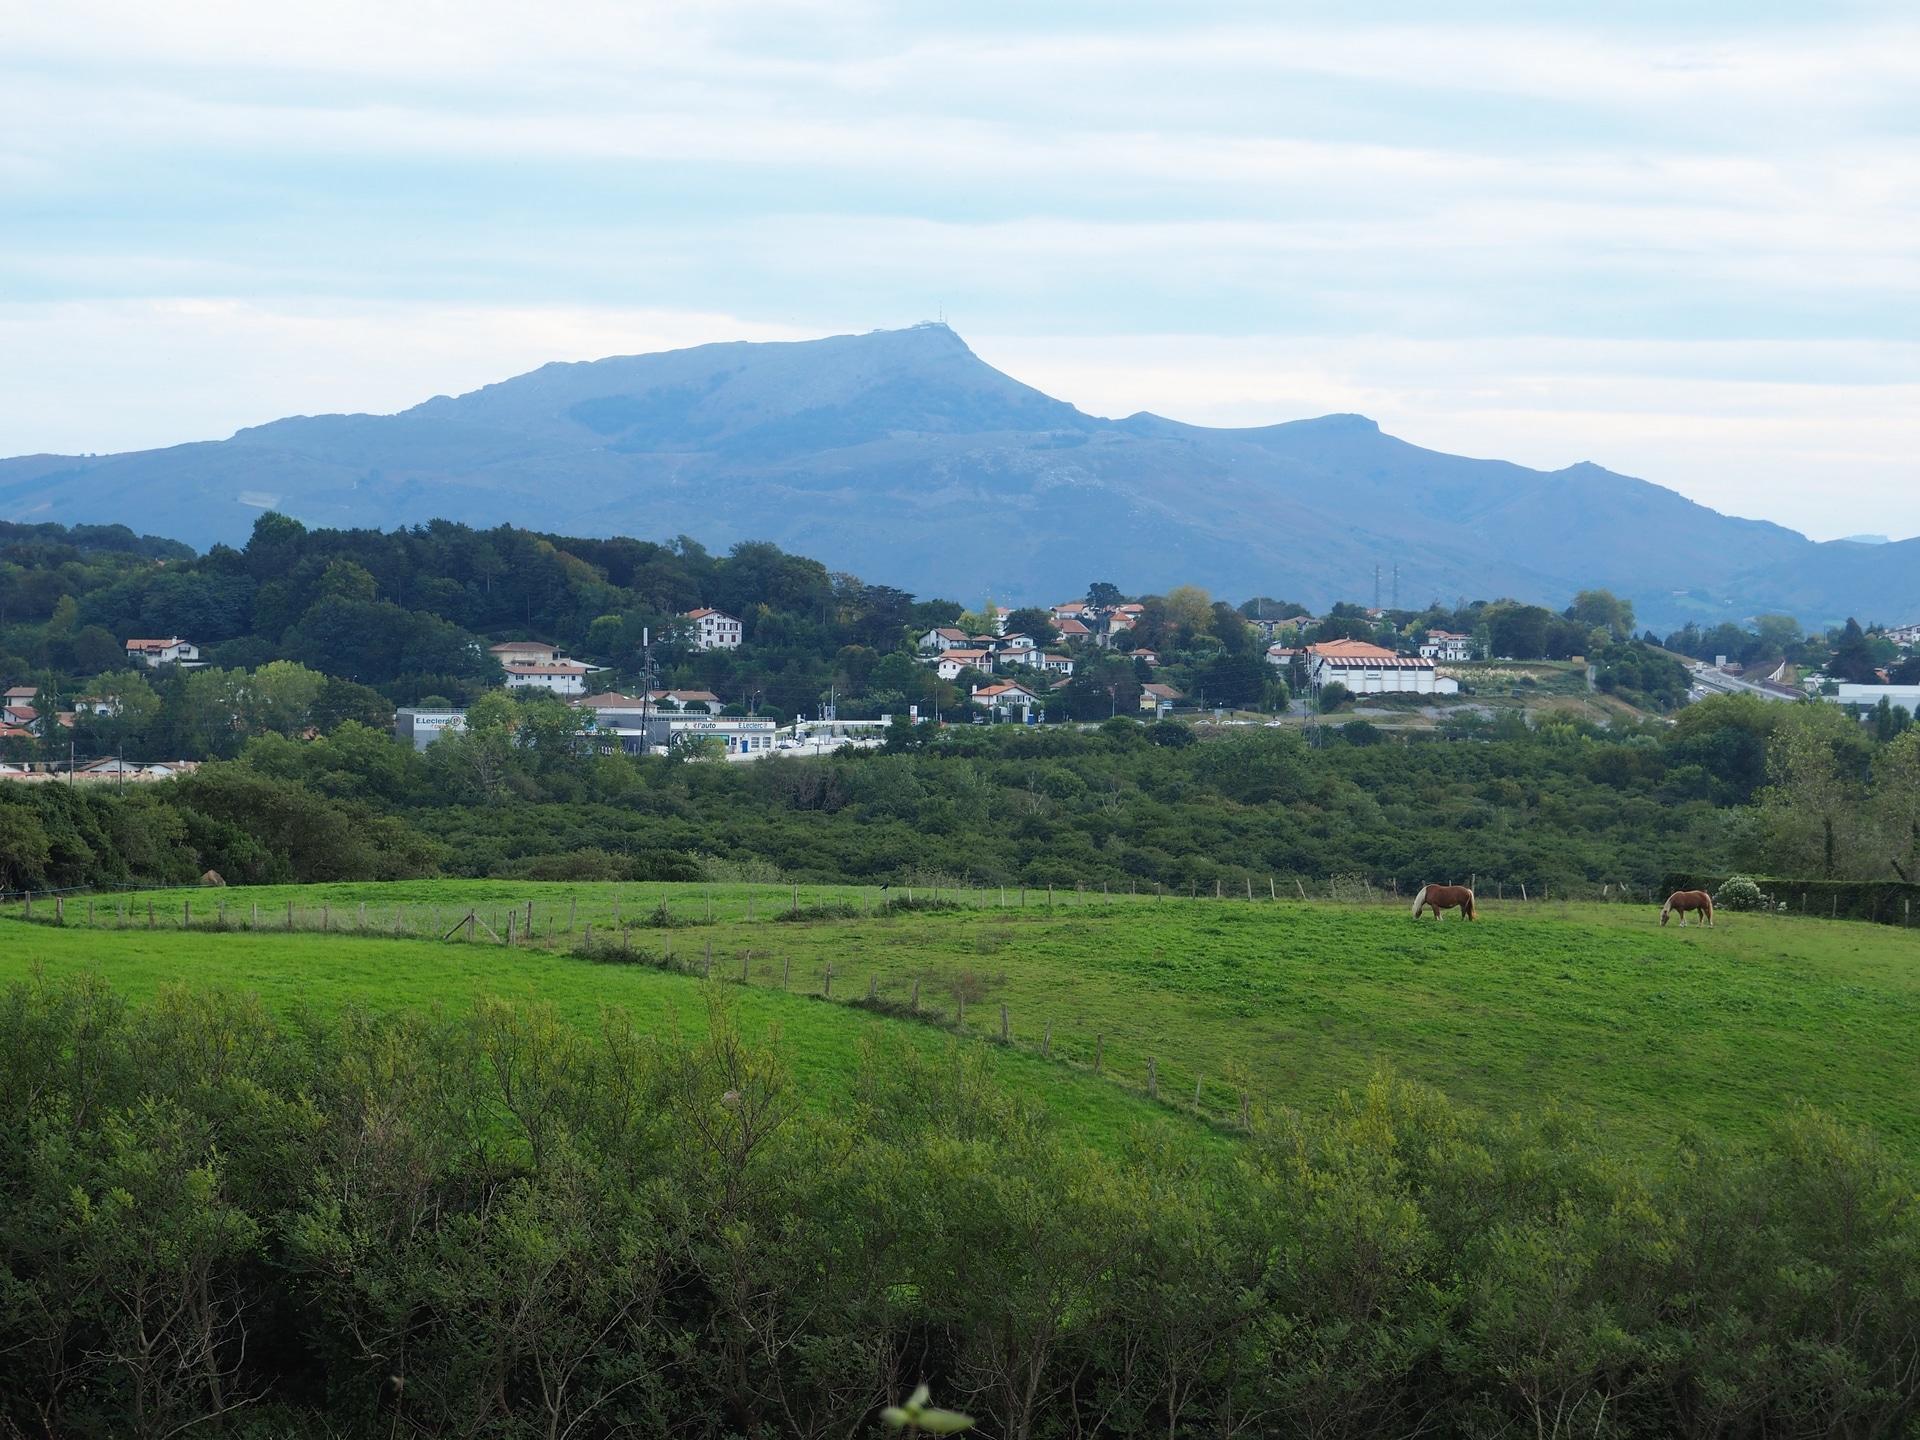 Vue sur le massif de la Rhune depuis le sentier du littoral